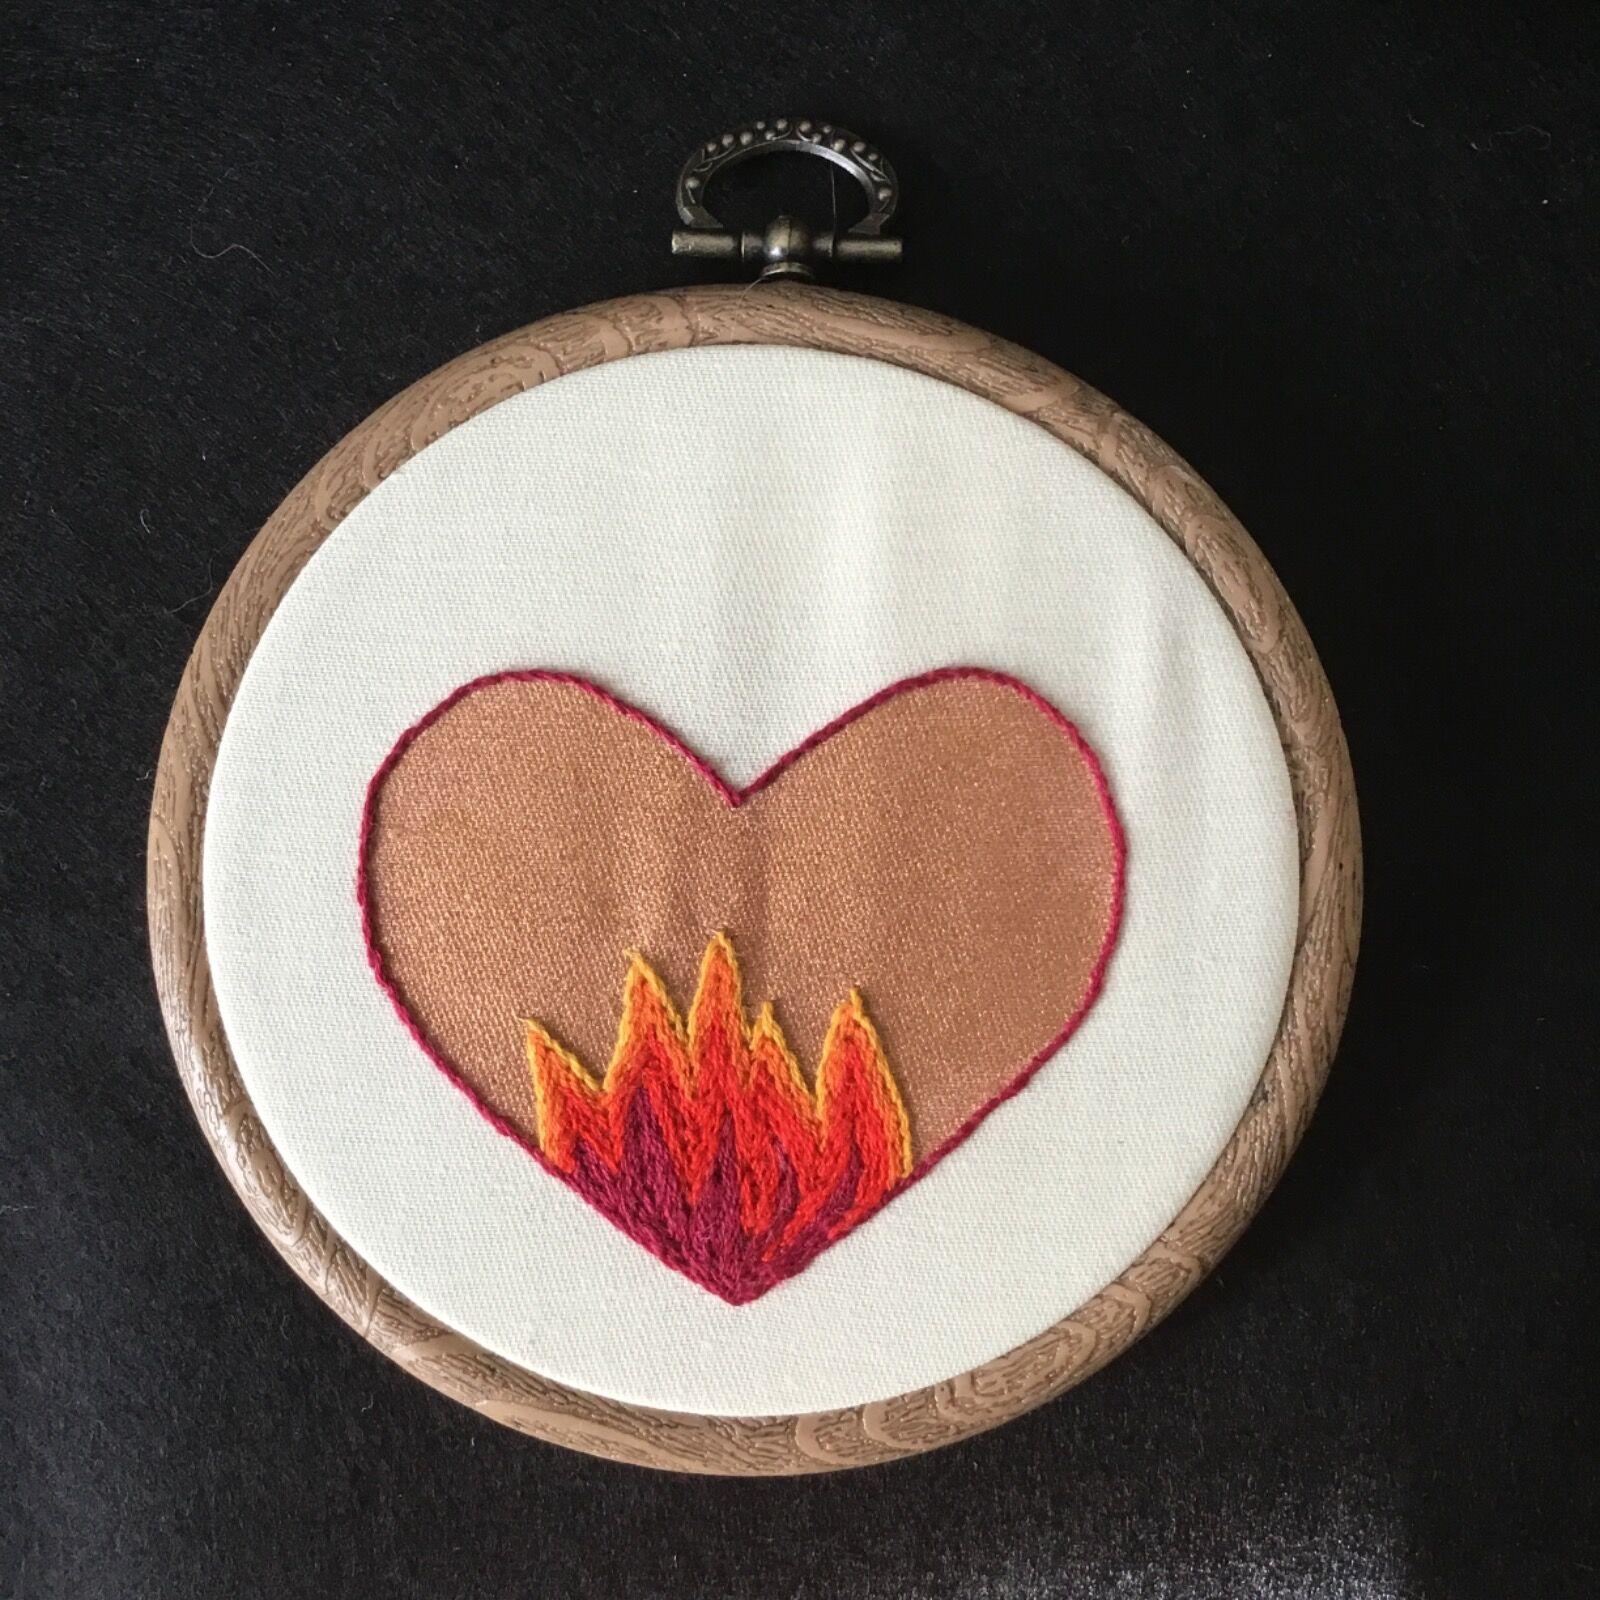 Bleeding Heart 'burning love'